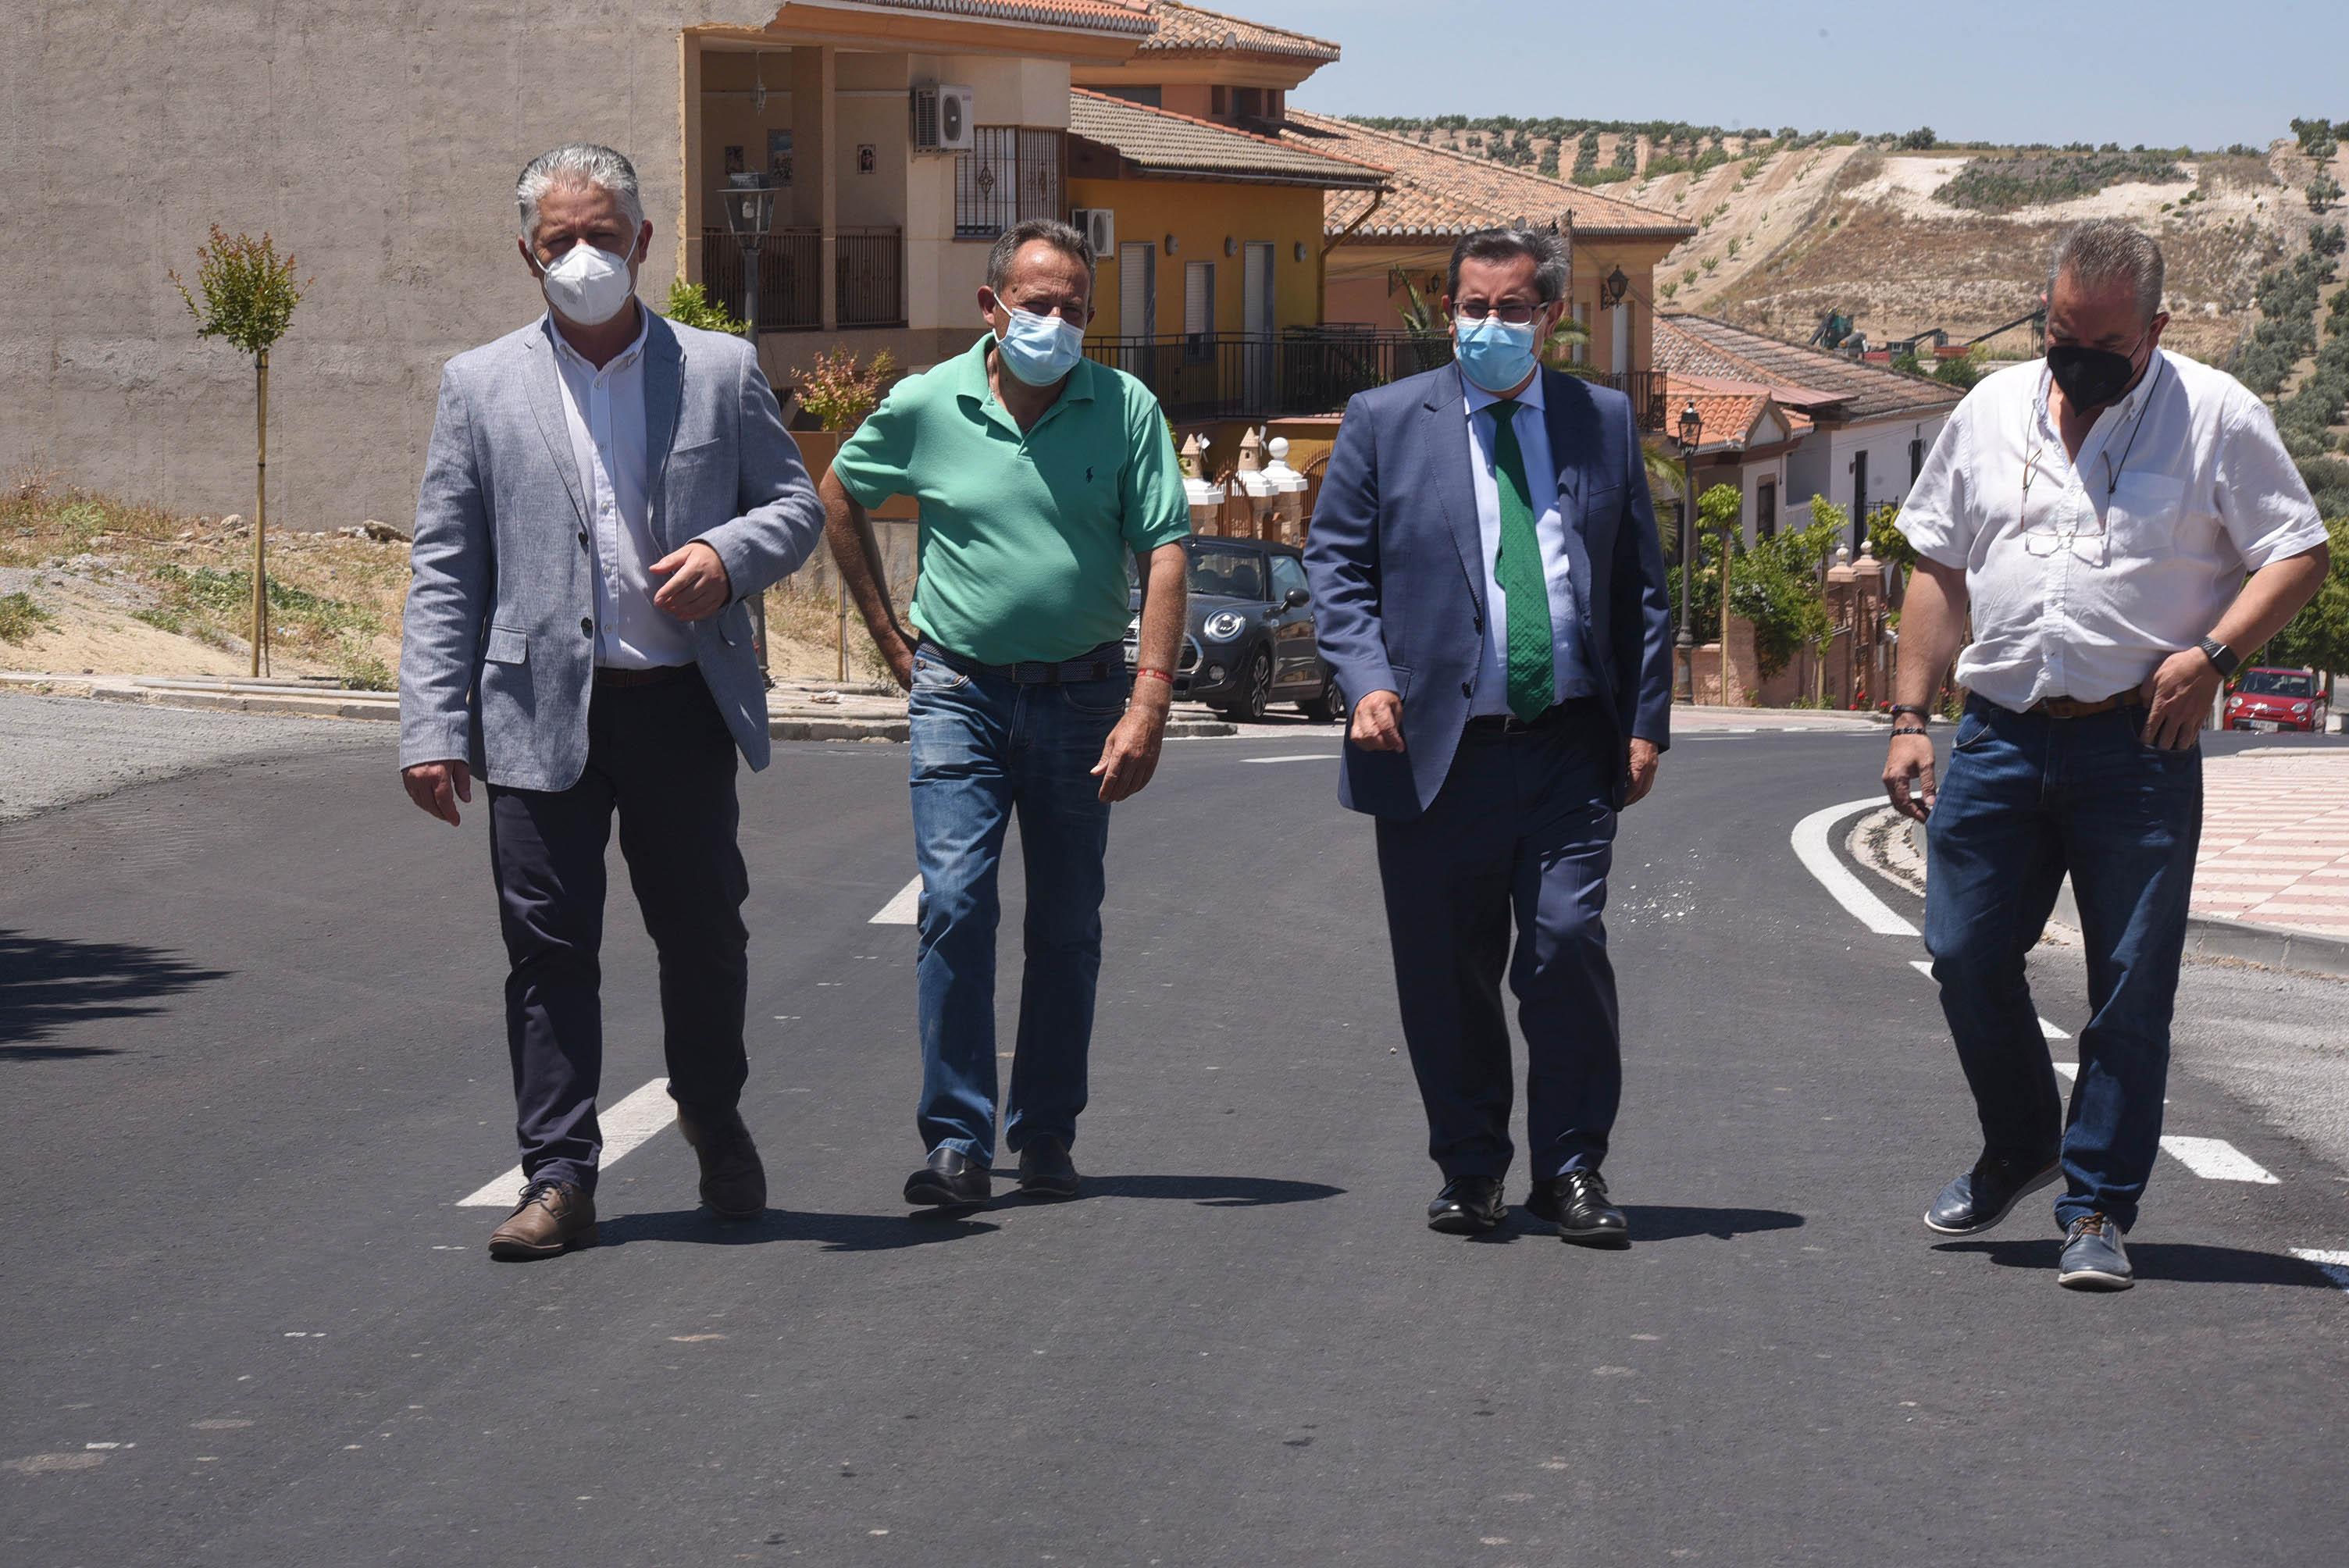 Concluyen las obras de mejora de la travesía de Chimeneas tras una inversión de 120.000 euros